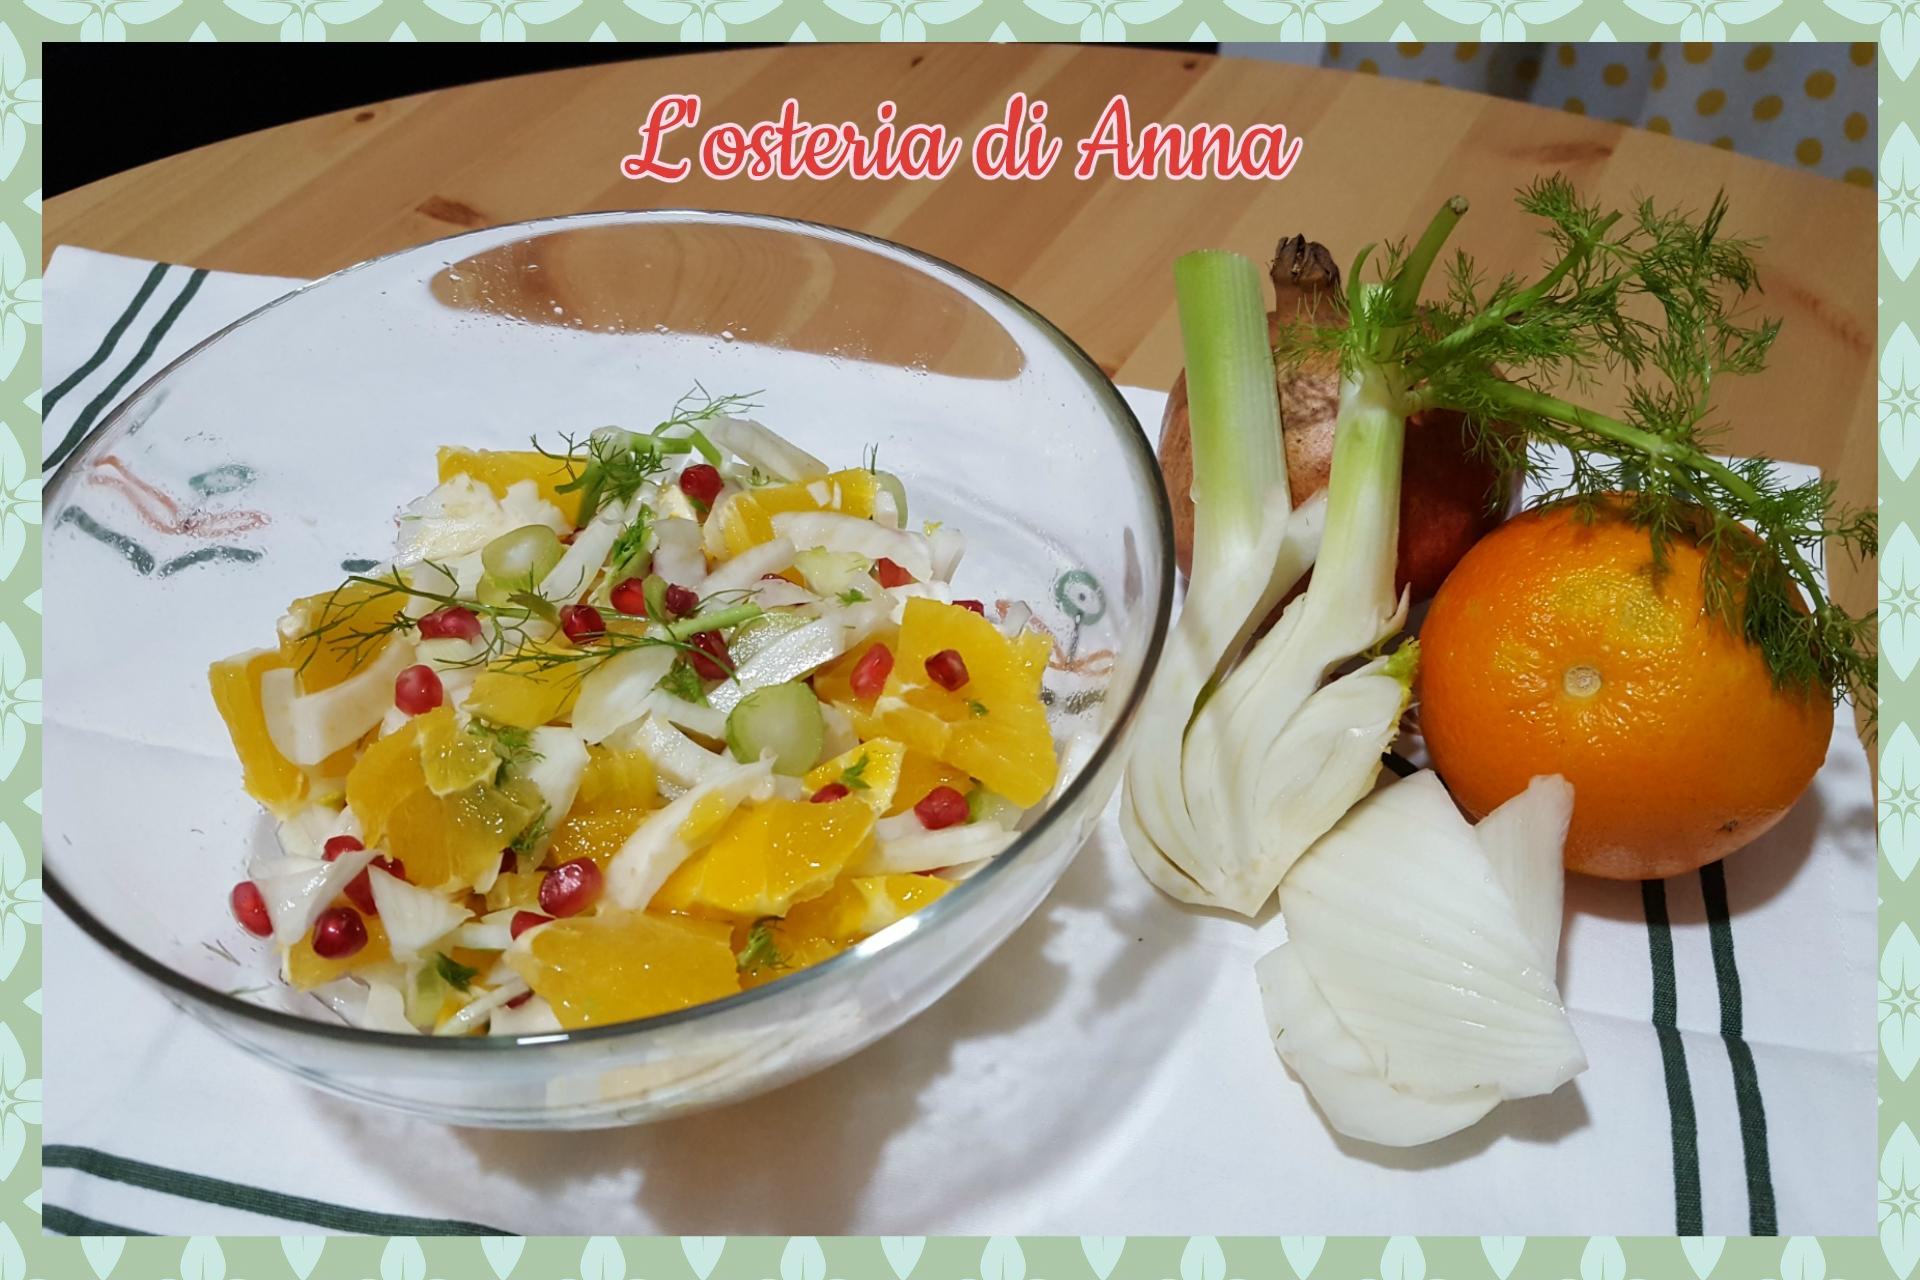 Insalata facile di finocchio, arancia e melograno